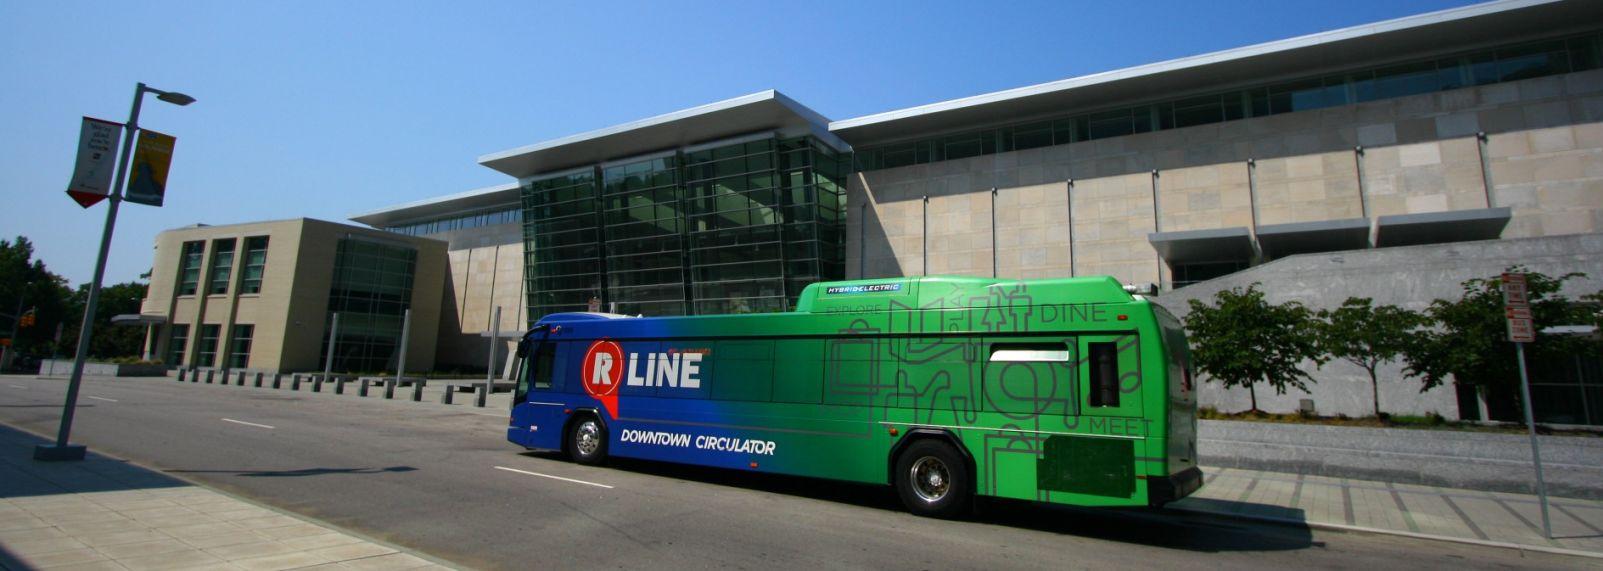 RLINE_Raleigh Convention Center.JPG